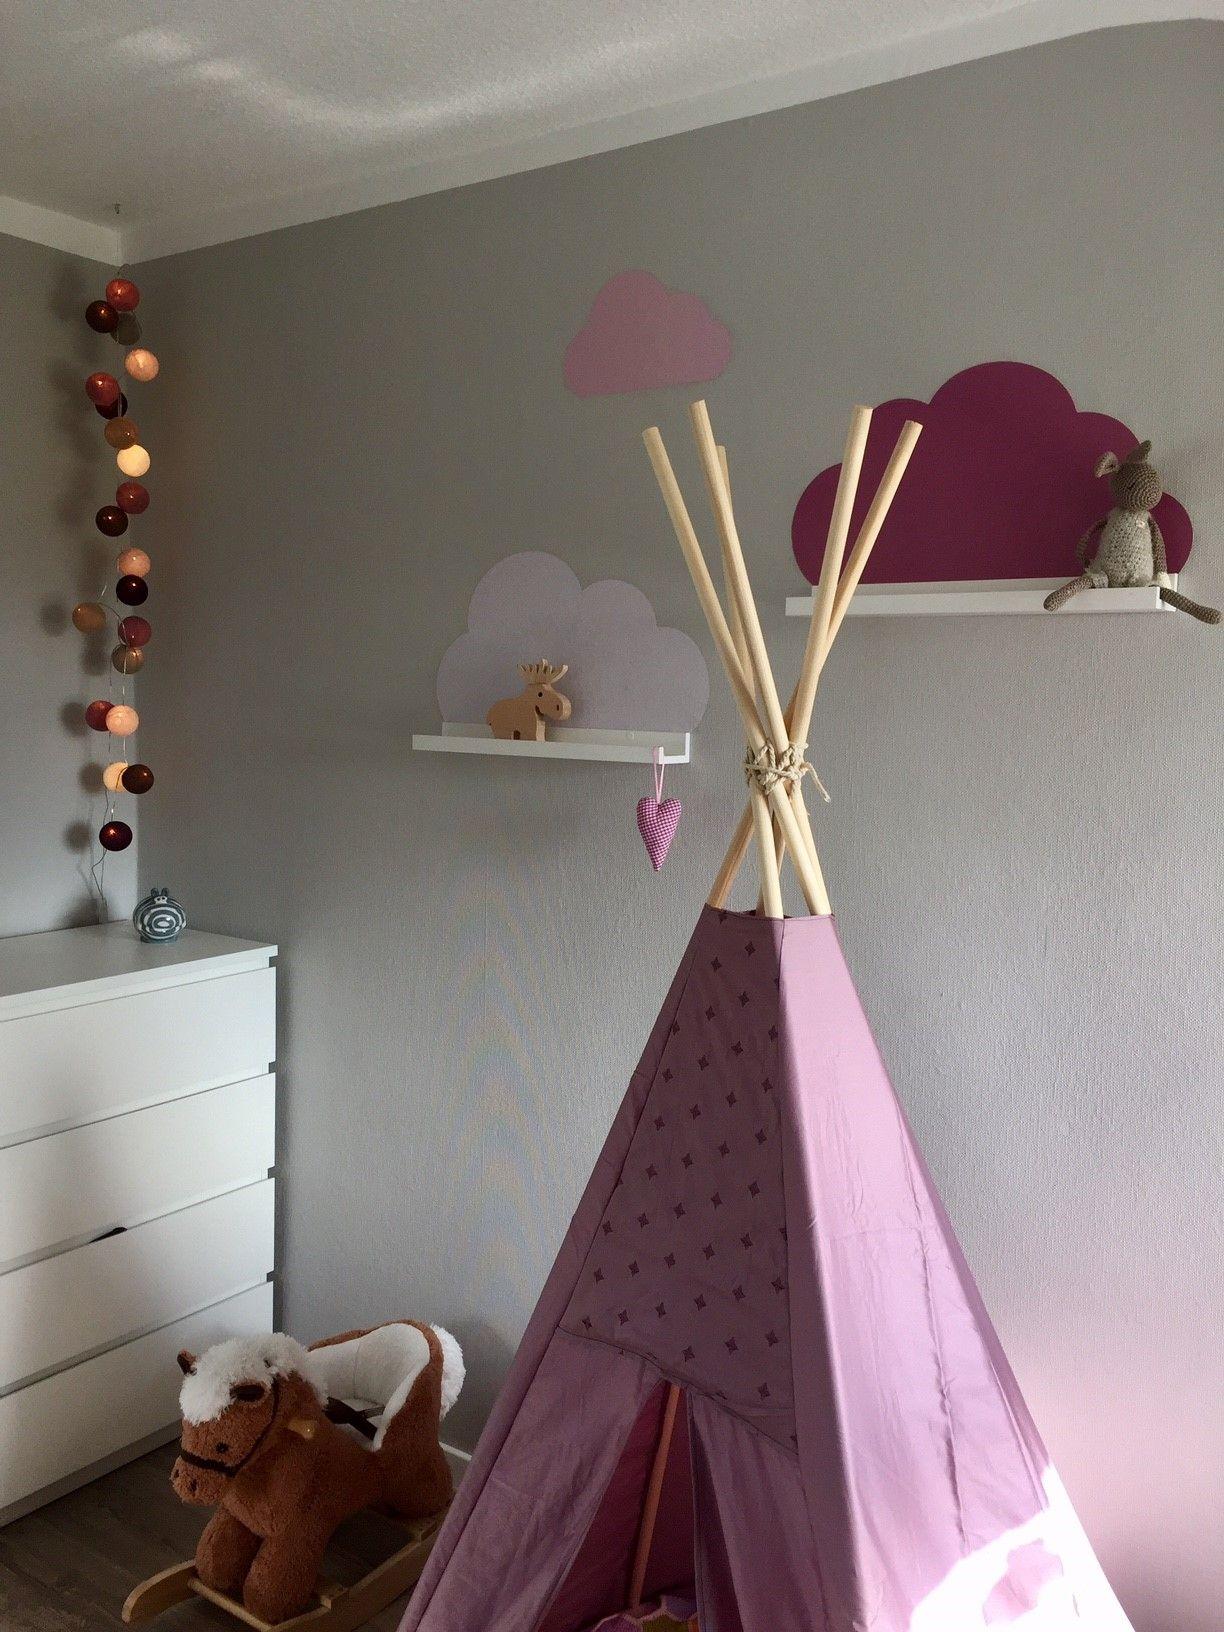 Kinderzimmer kleinkind ikea  Marina hat die Orchidee Wolken von Limmaland an den IKEA MOSSLANDA ...